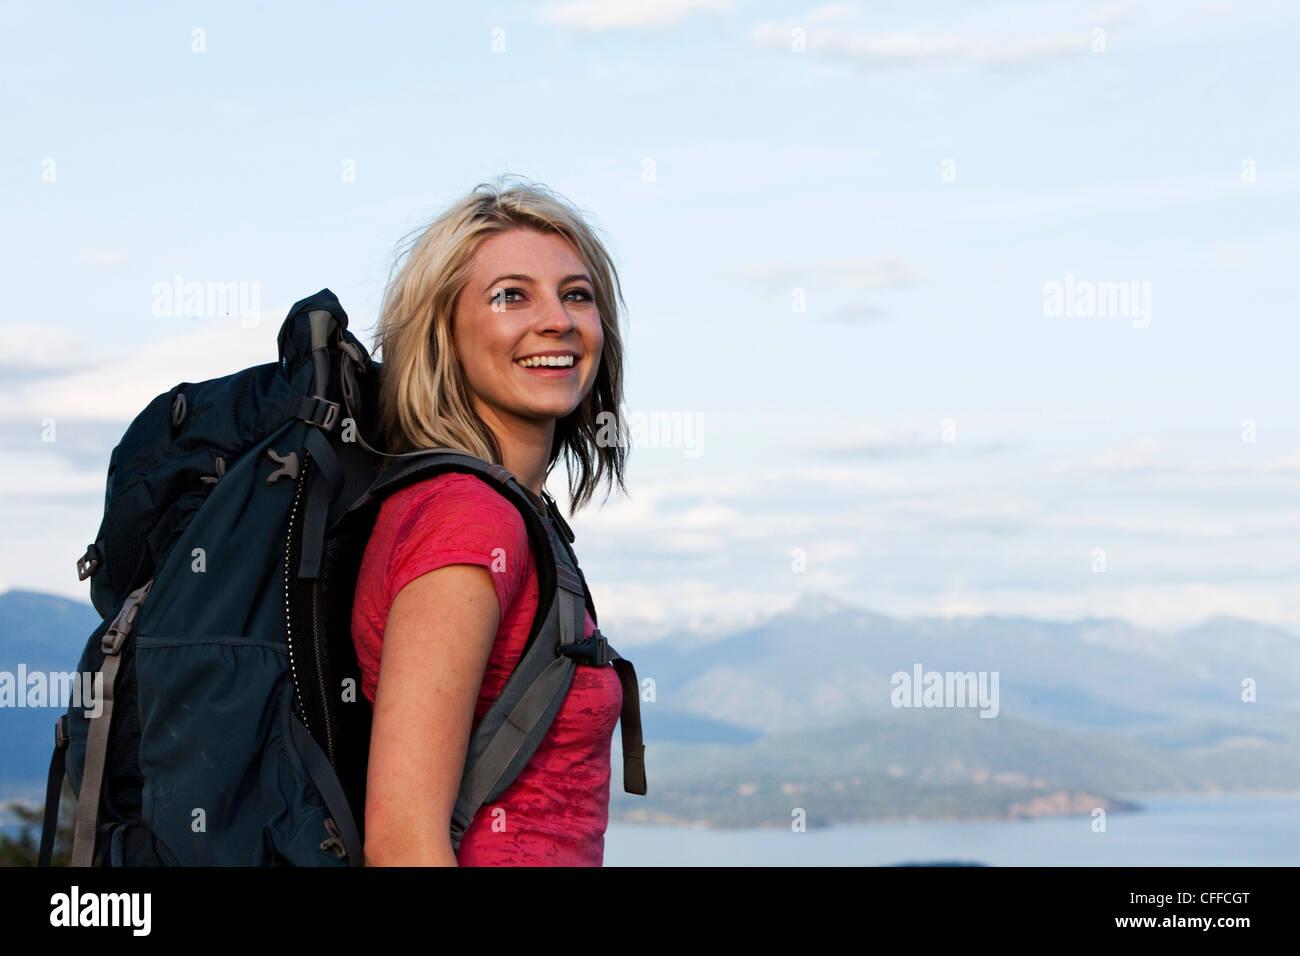 Un athletic woman smiling on une randonnée dans l'Idaho. Photo Stock